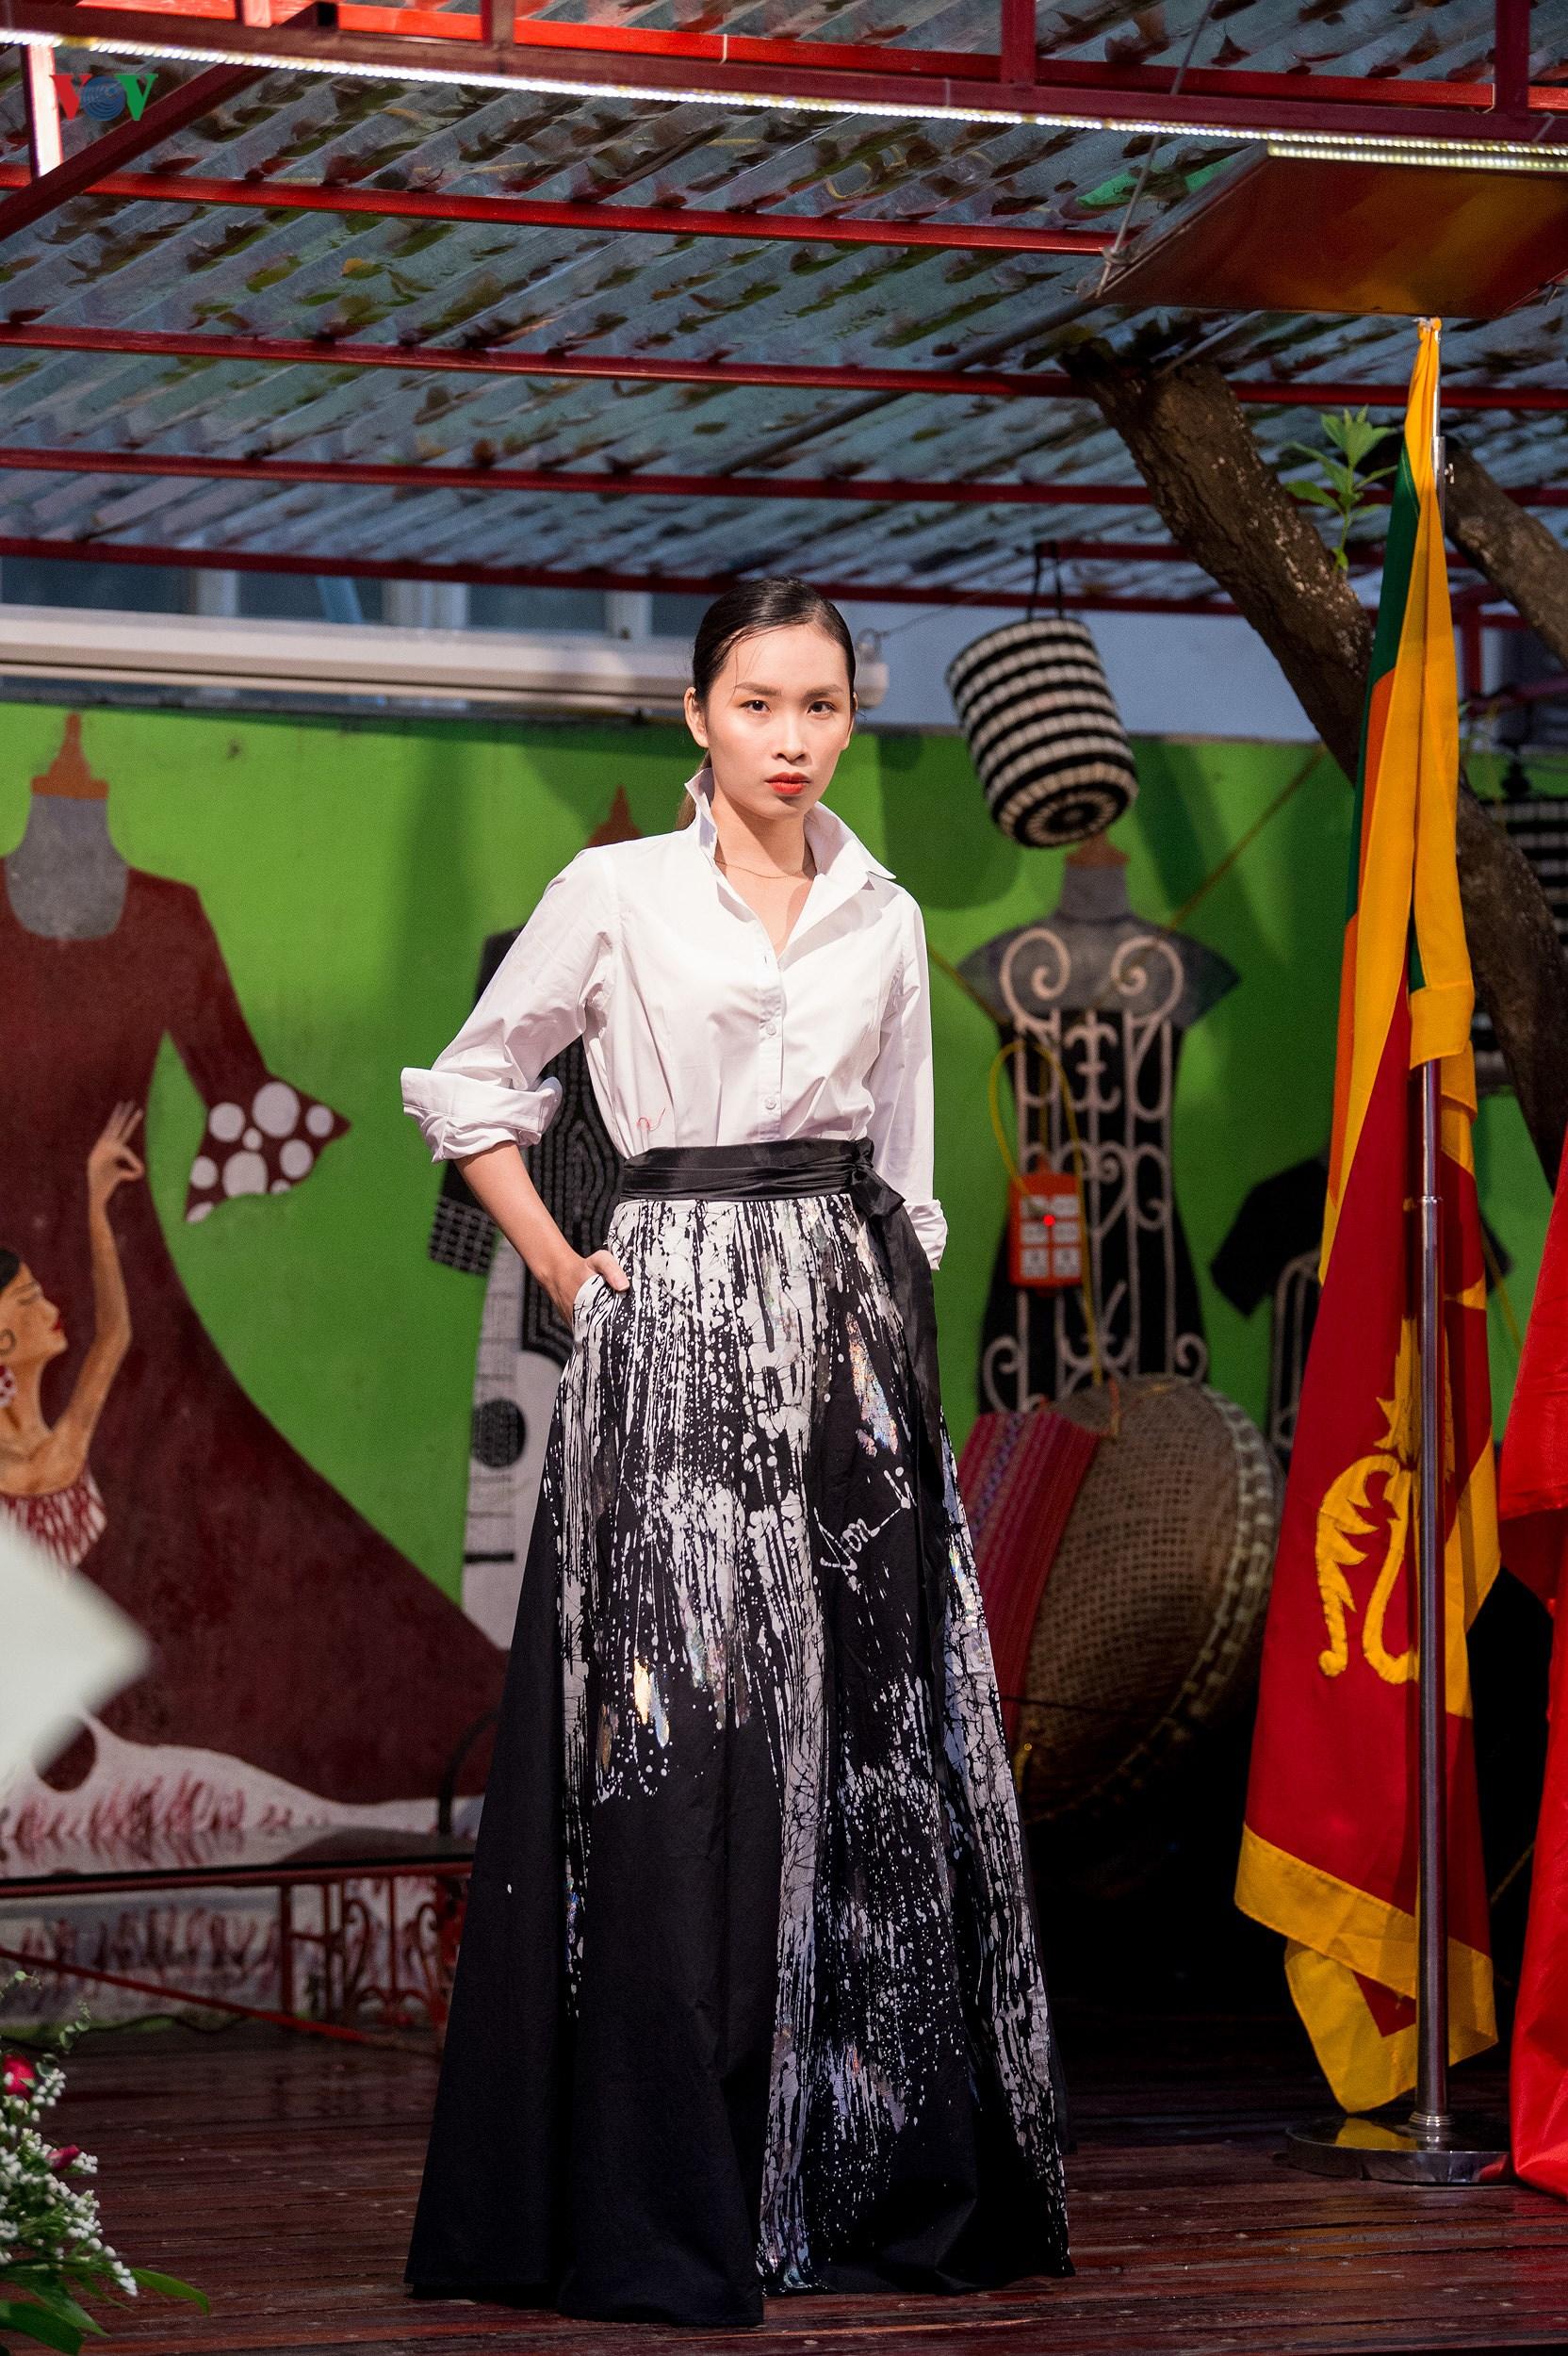 Chiêm ngưỡng bộ sưu tập thời trang đặc sắc của nhà thiết kế Sri Lanka Ảnh 7